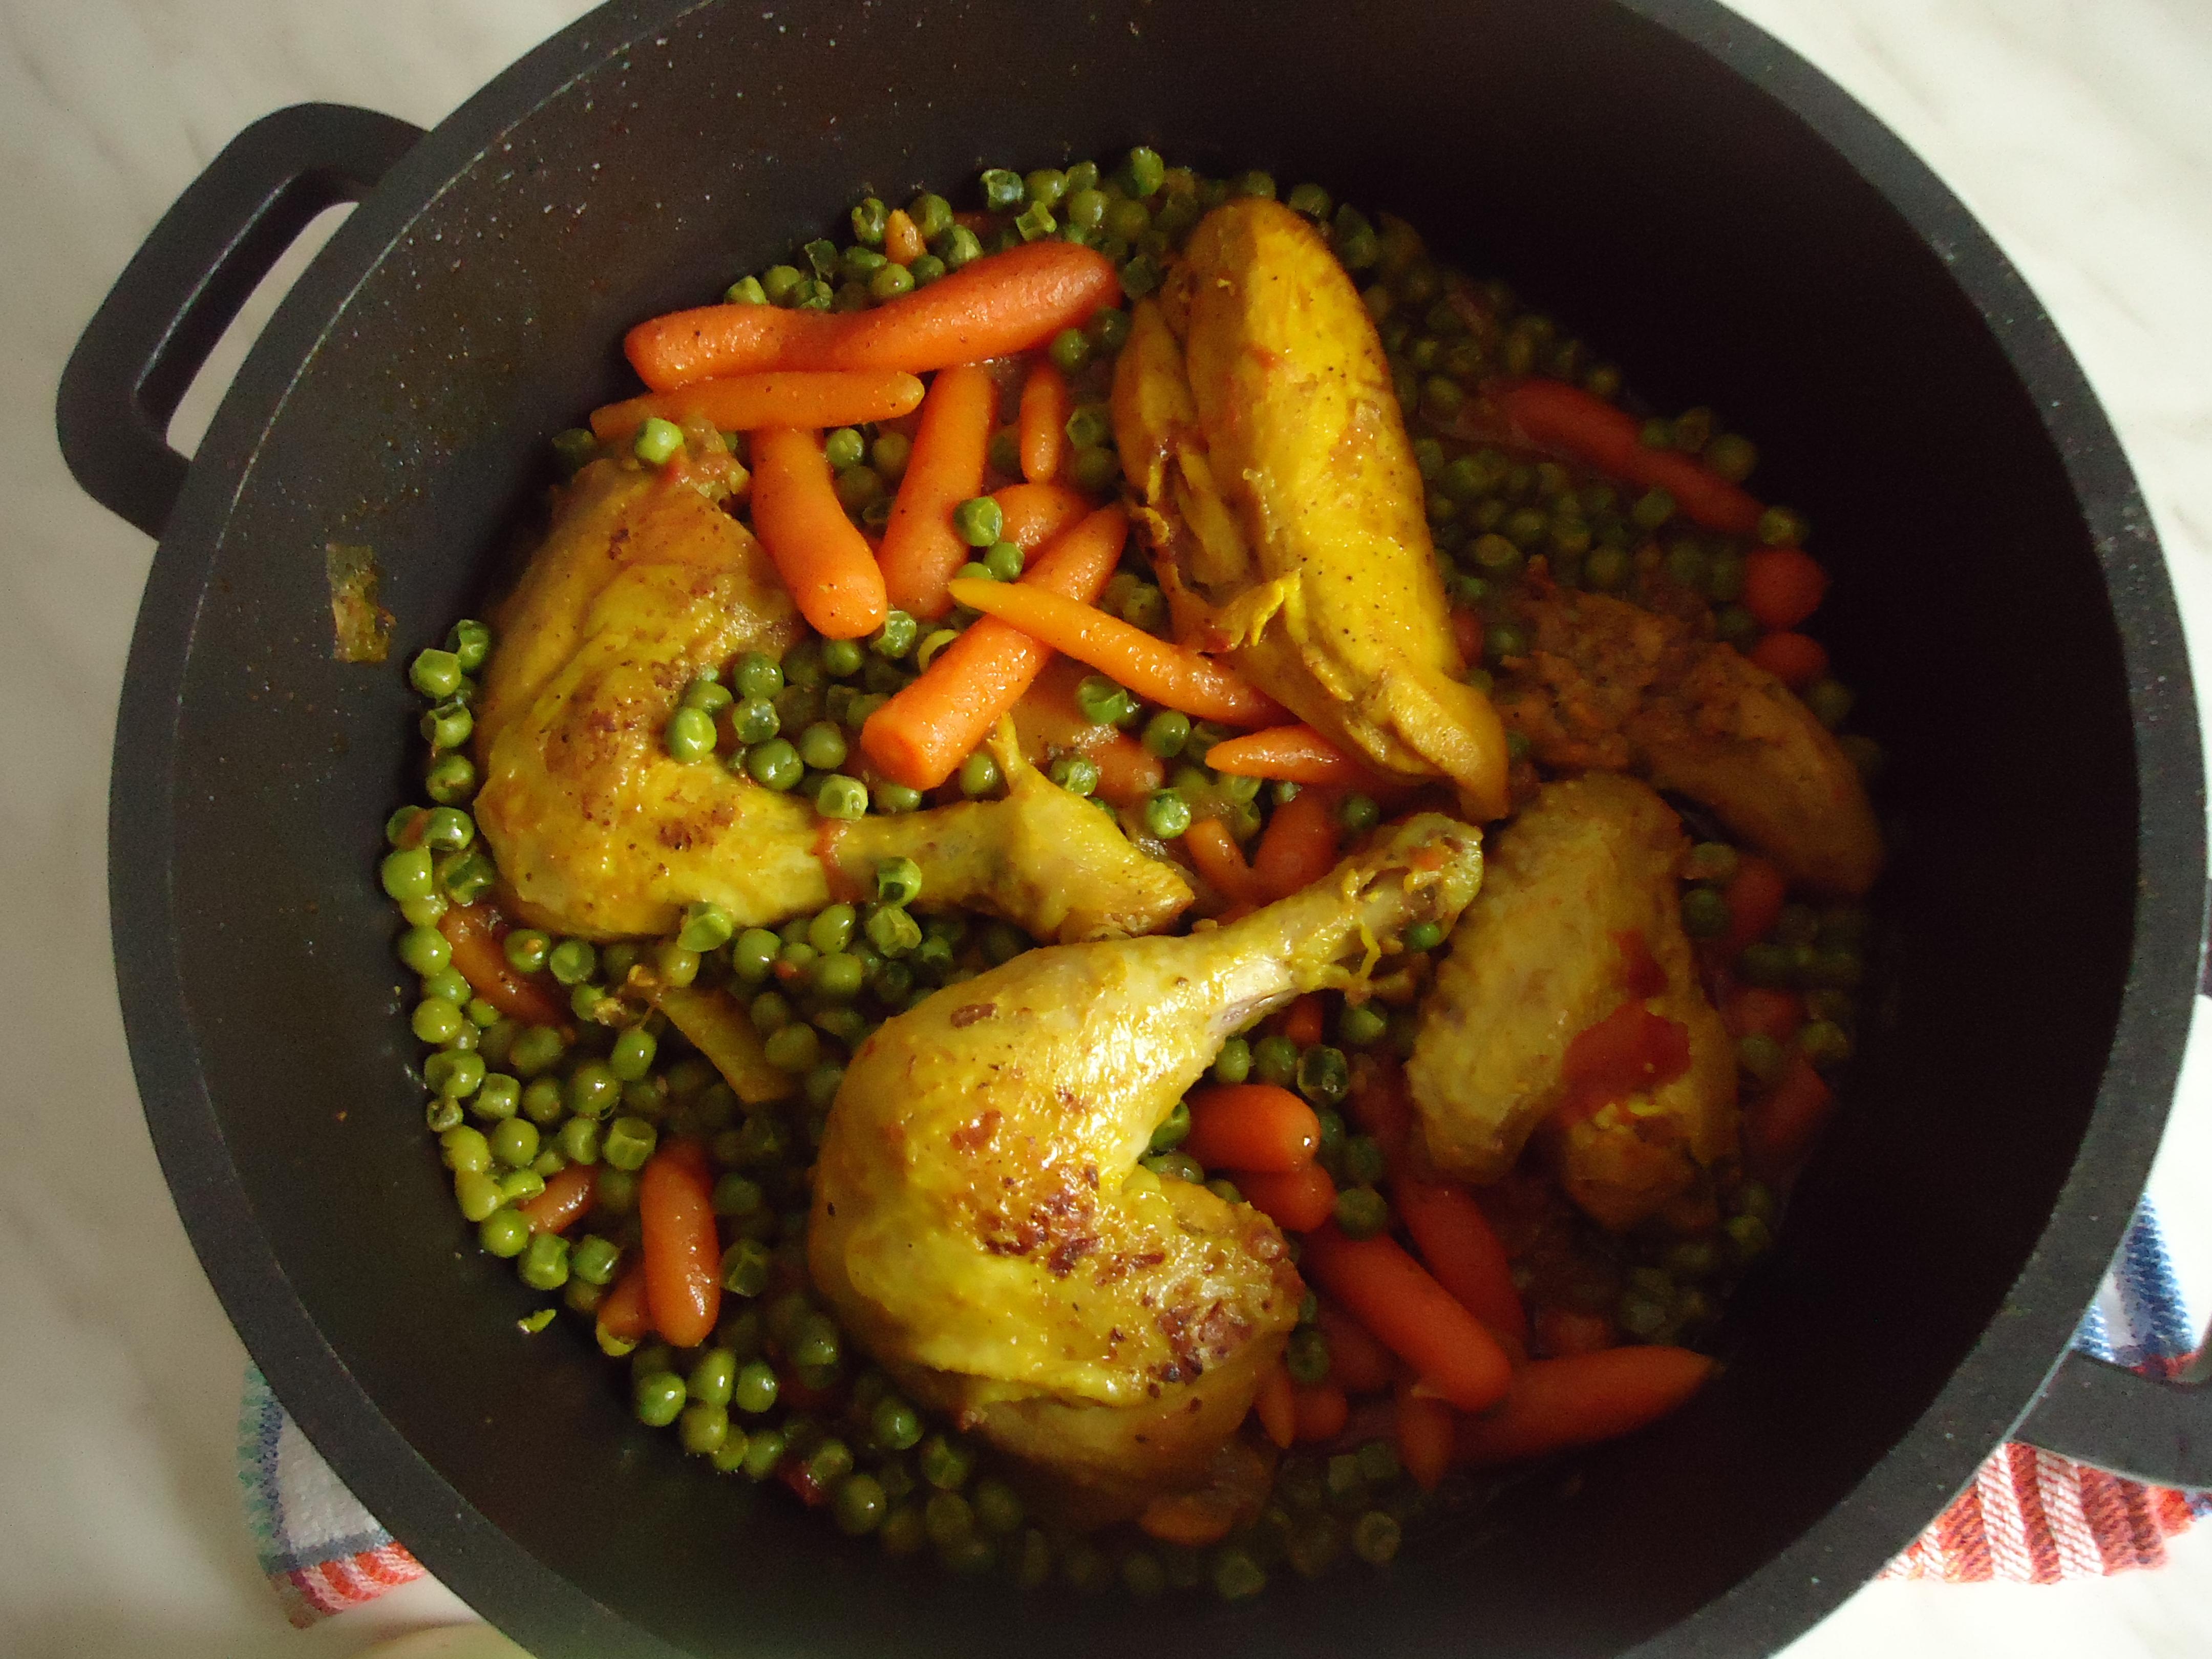 poulet-en-sauce-avec-ses-petits-pois-carottes-001